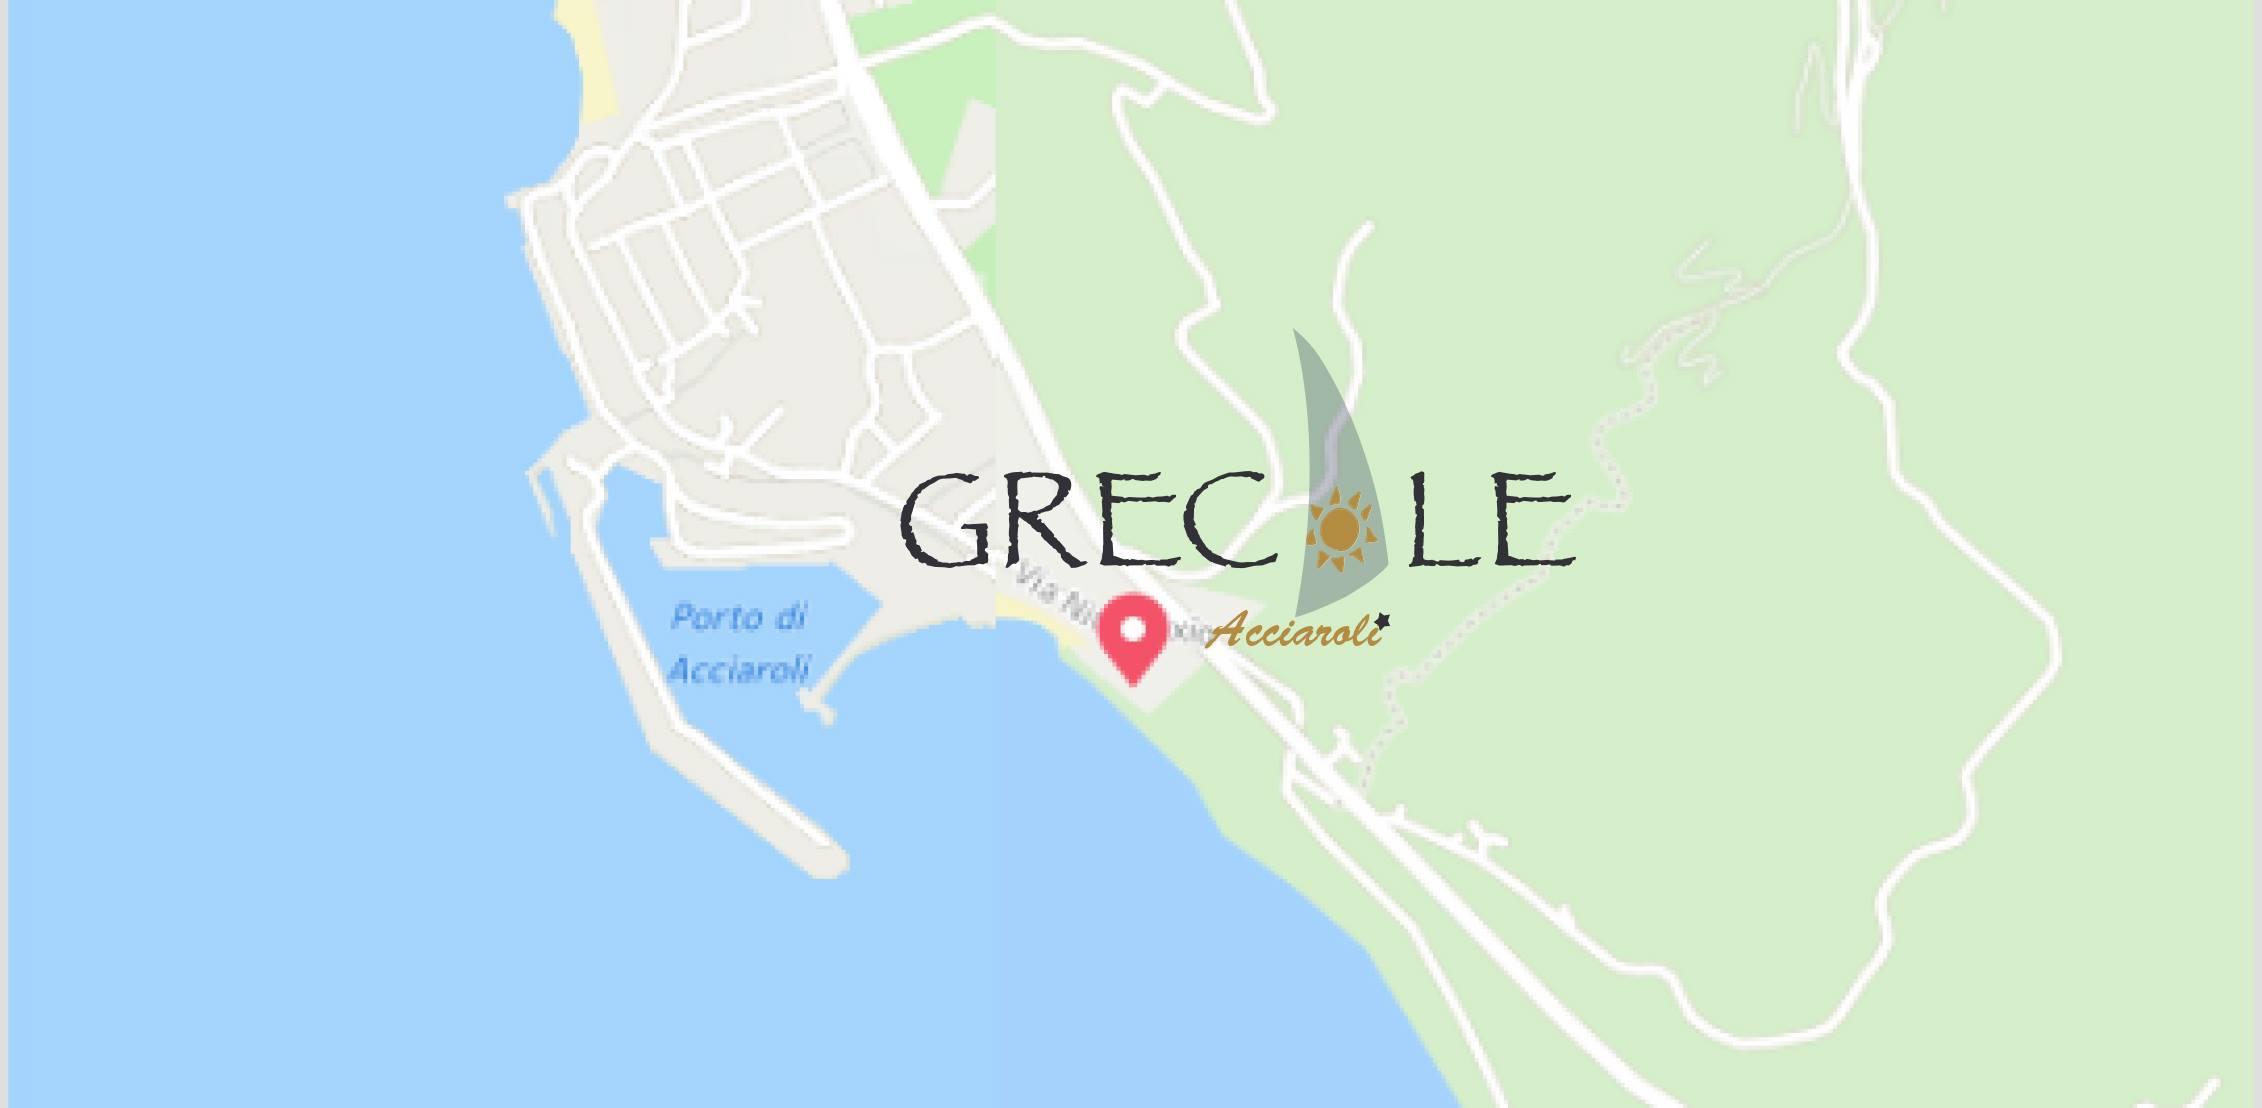 GRECALE Acciaroli